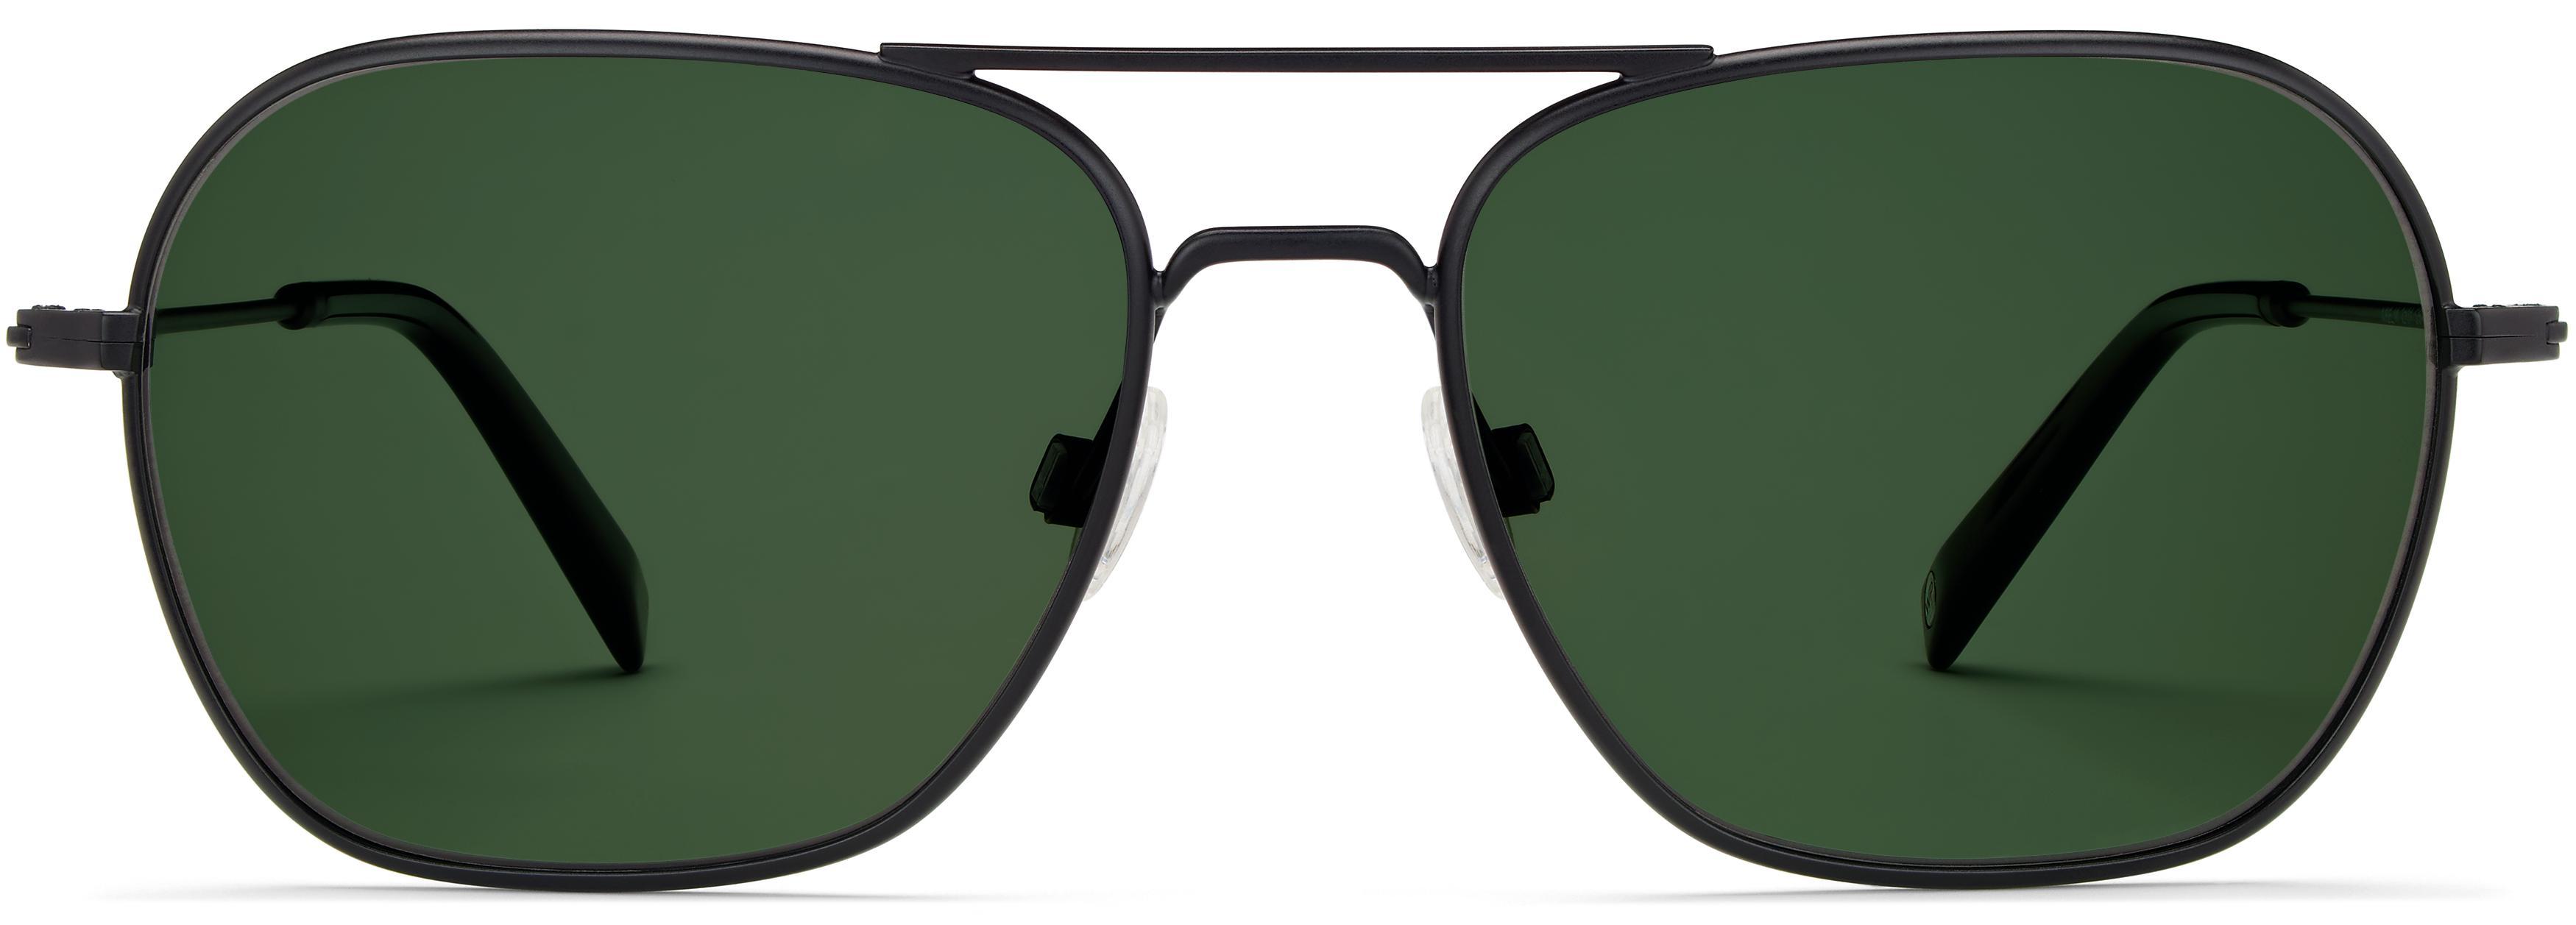 0e958d22a69ec Men s Sunglasses